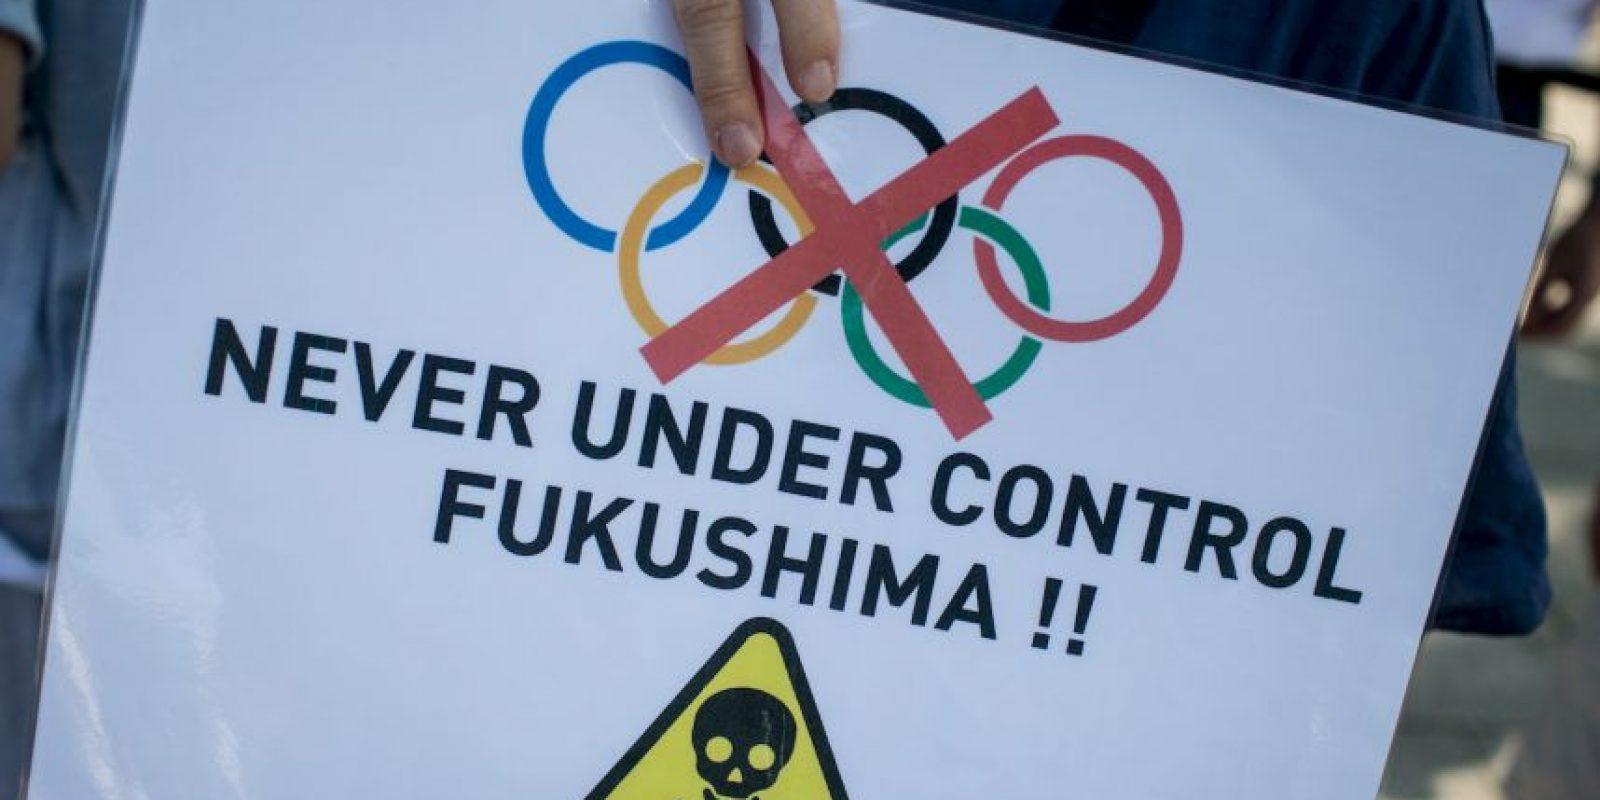 También estuvo presente el recuerdo de la planta nuclear de Fukushima Foto:Getty Images